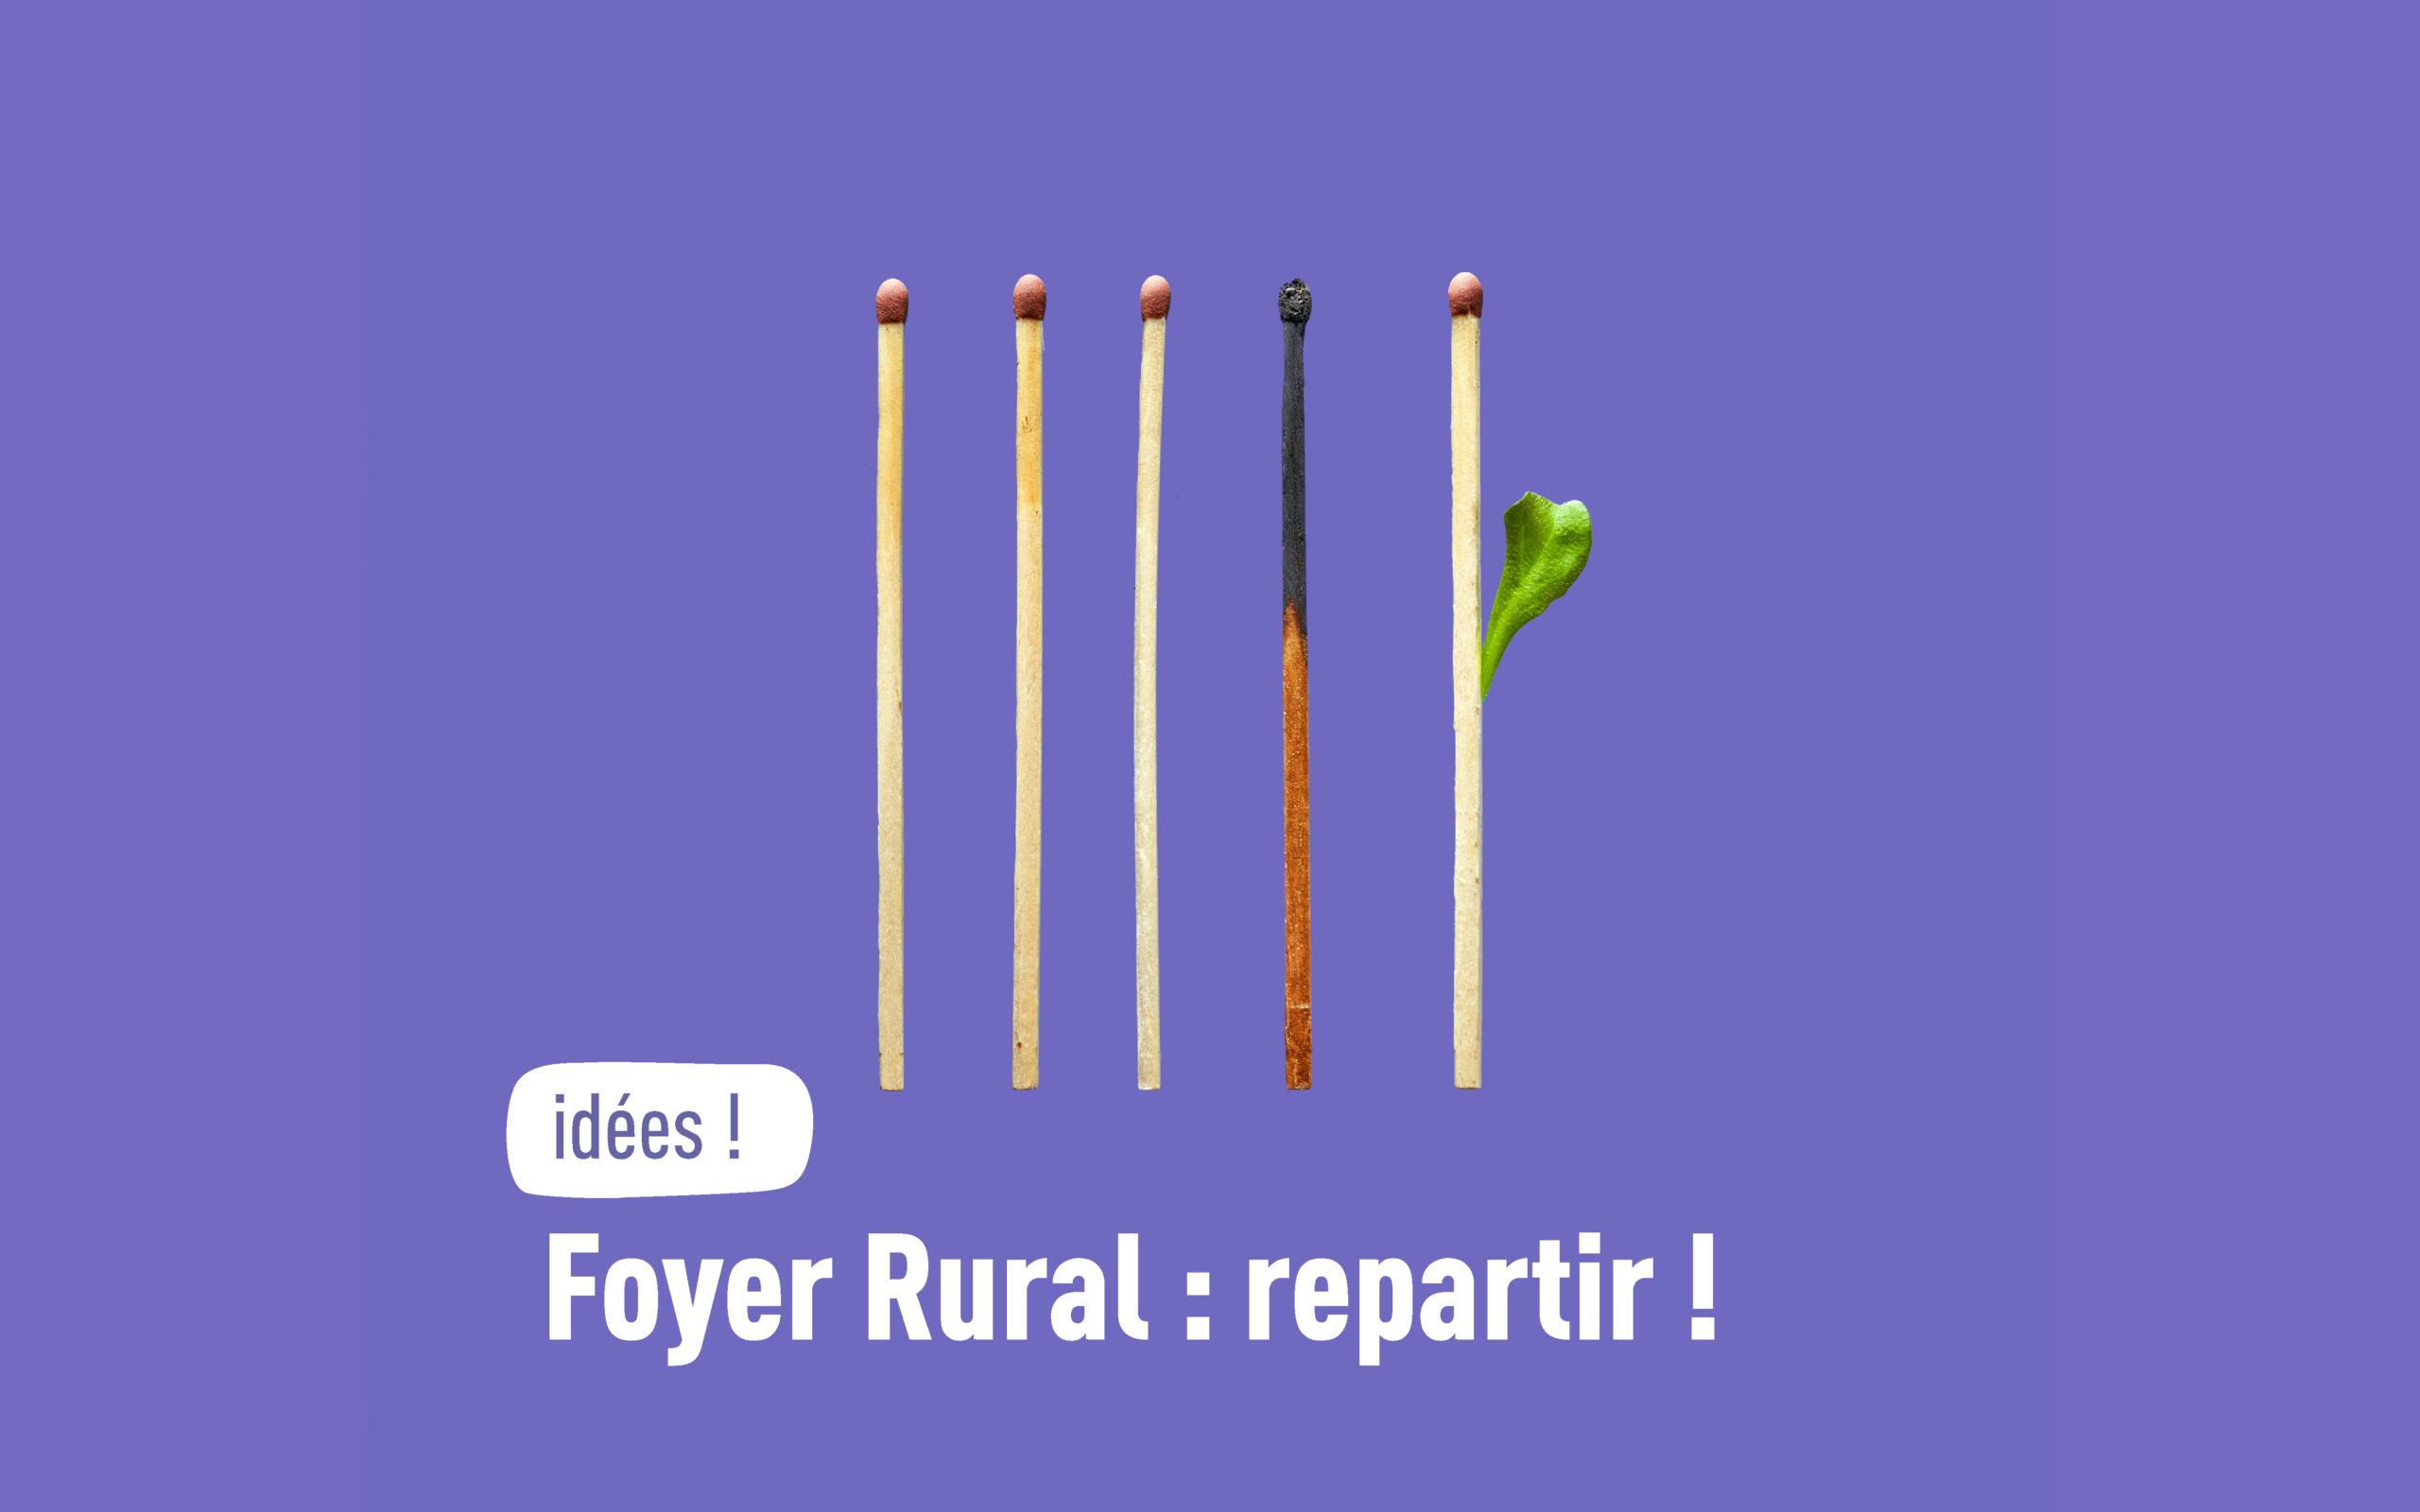 Foyer Rural : repartir ! Des pistes pour la reprise